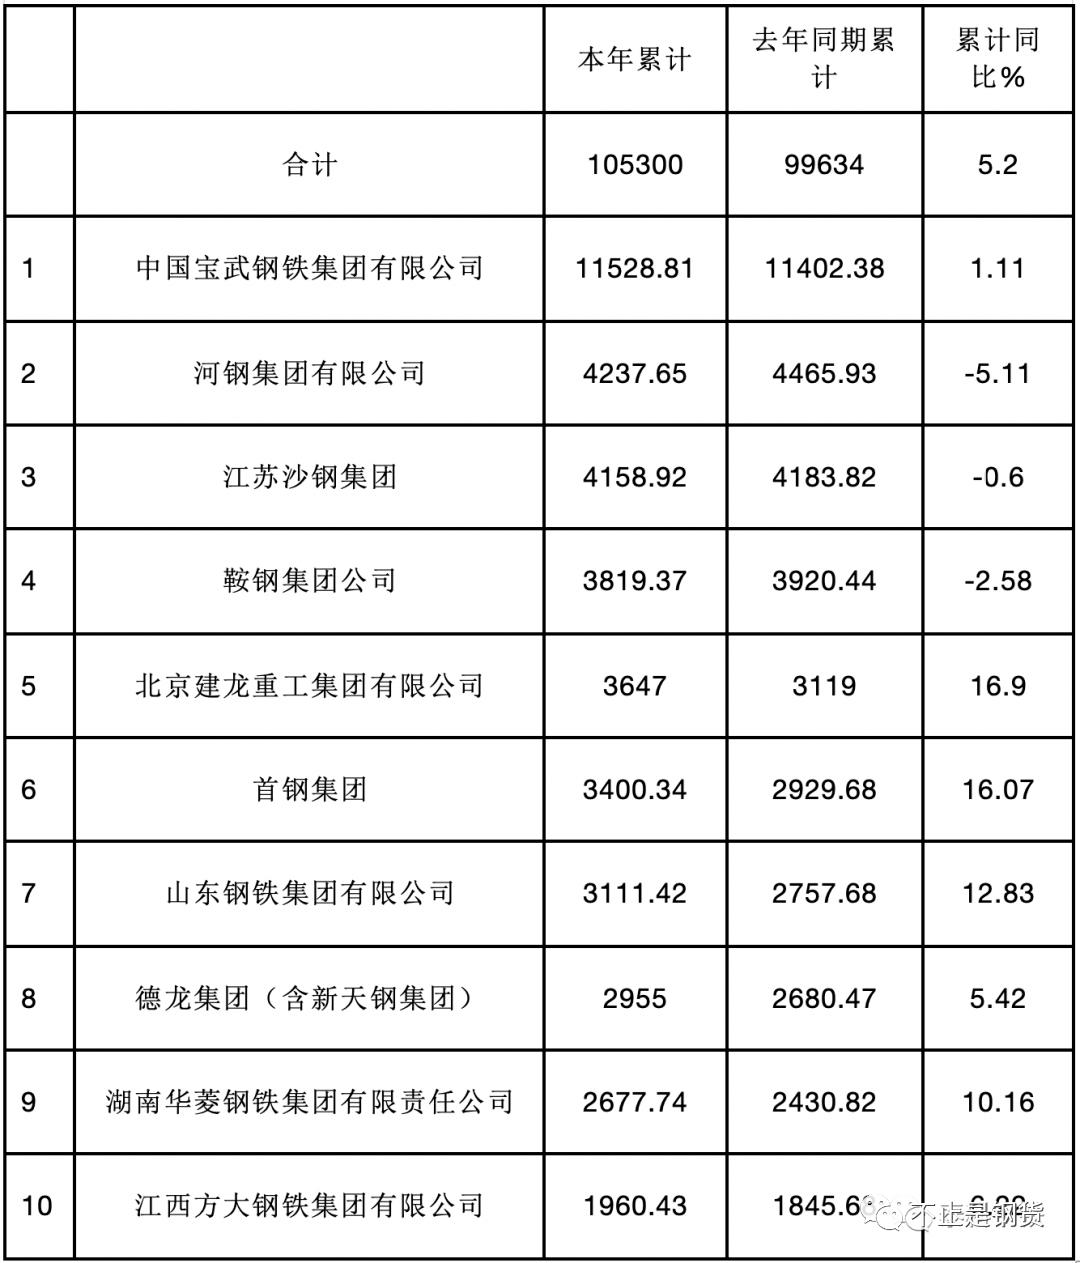 《【杏耀注册链接】全国钢企2020年钢产量排名:宝武(1.15亿吨)、河钢4238万吨、沙钢4159万吨、鞍钢3819万吨、建龙重工3647万吨》